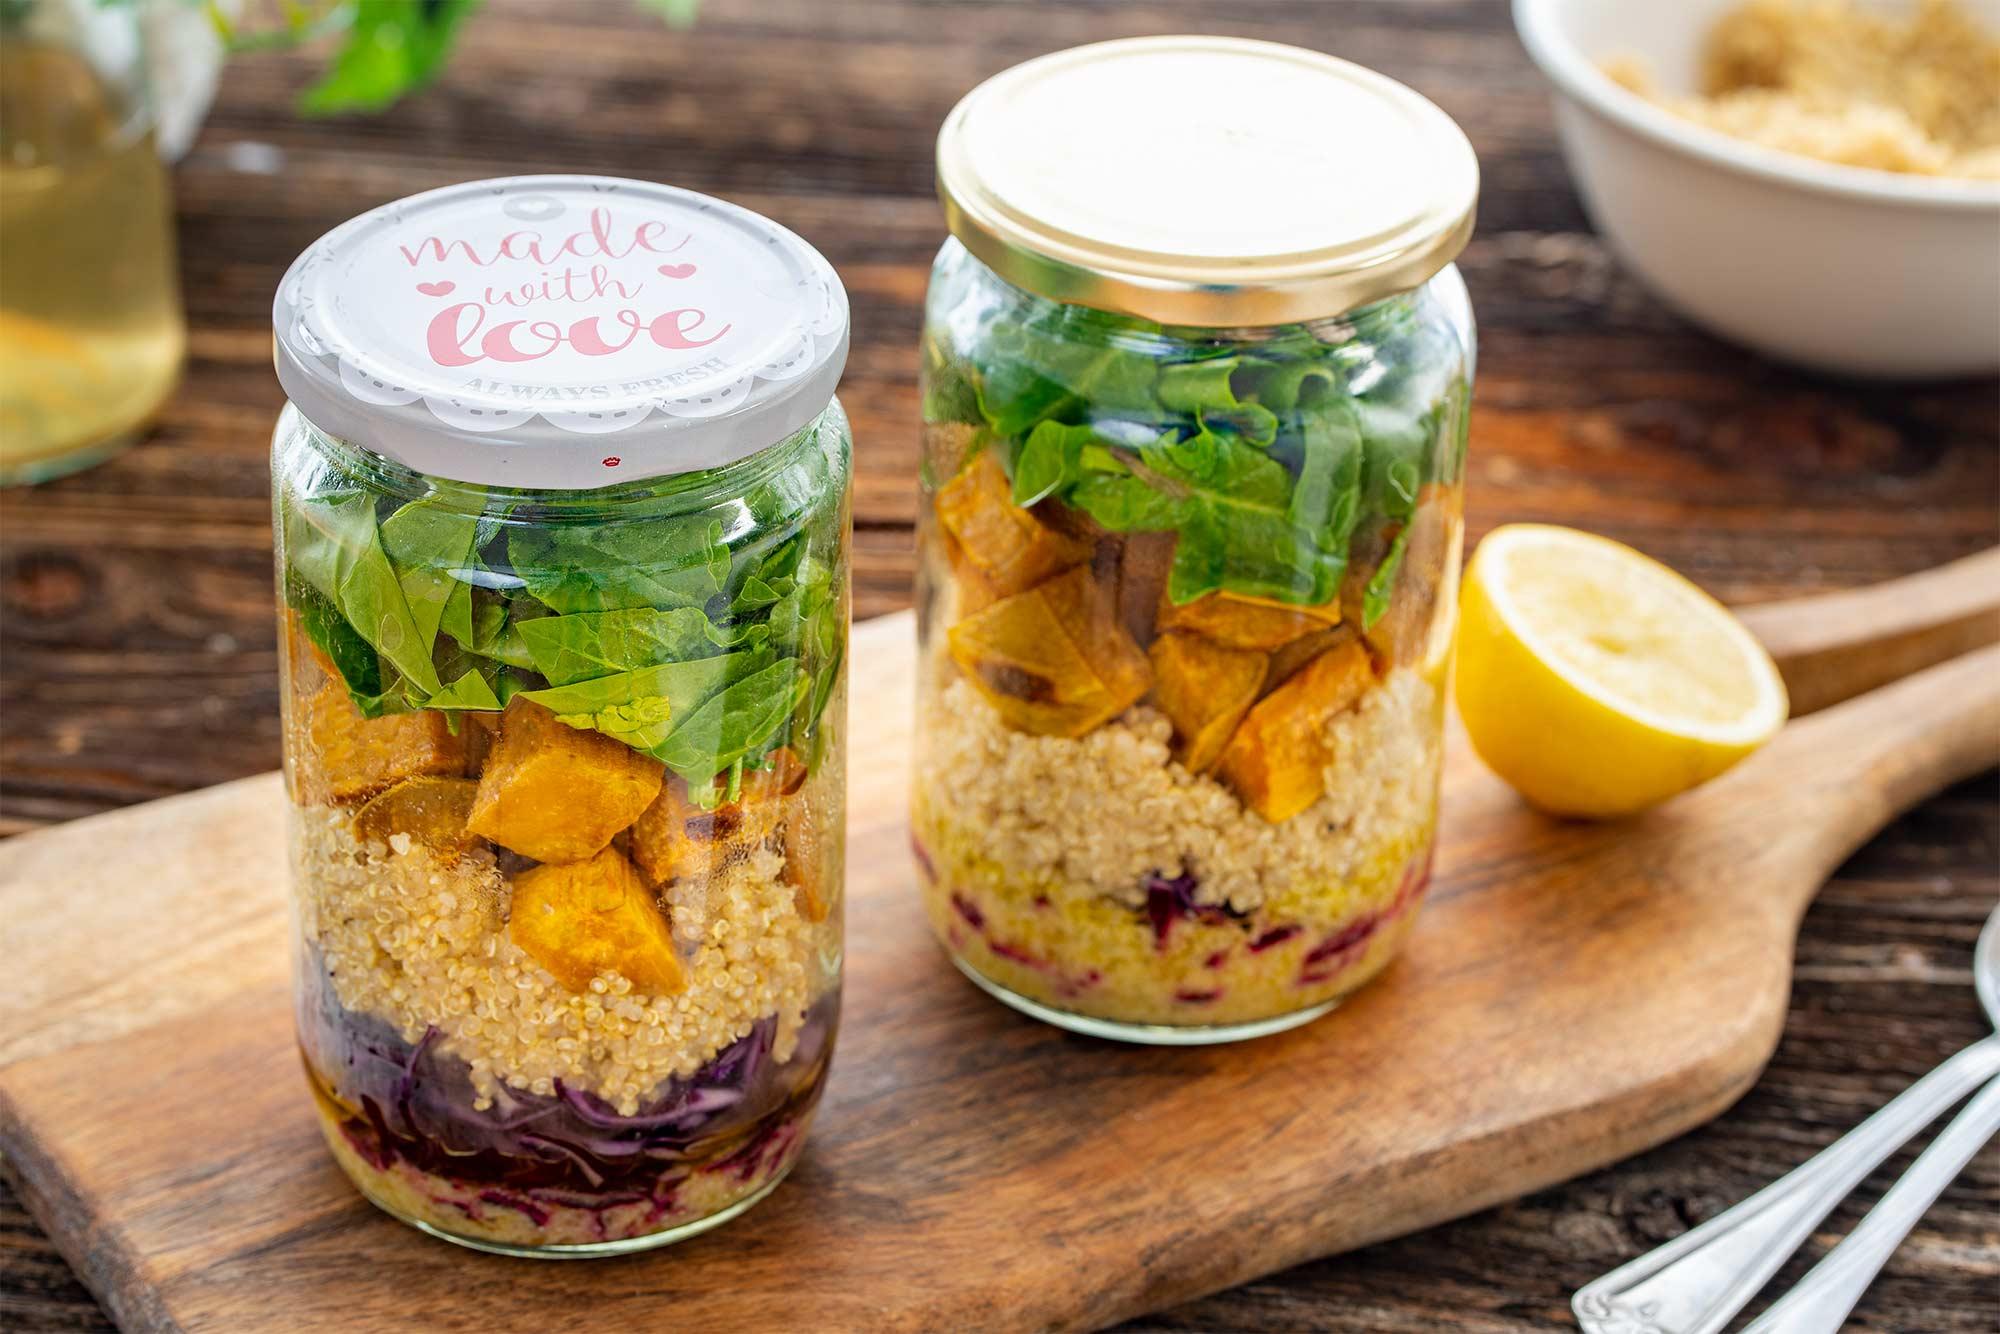 Solata s kvinojo in sladkim krompirjem